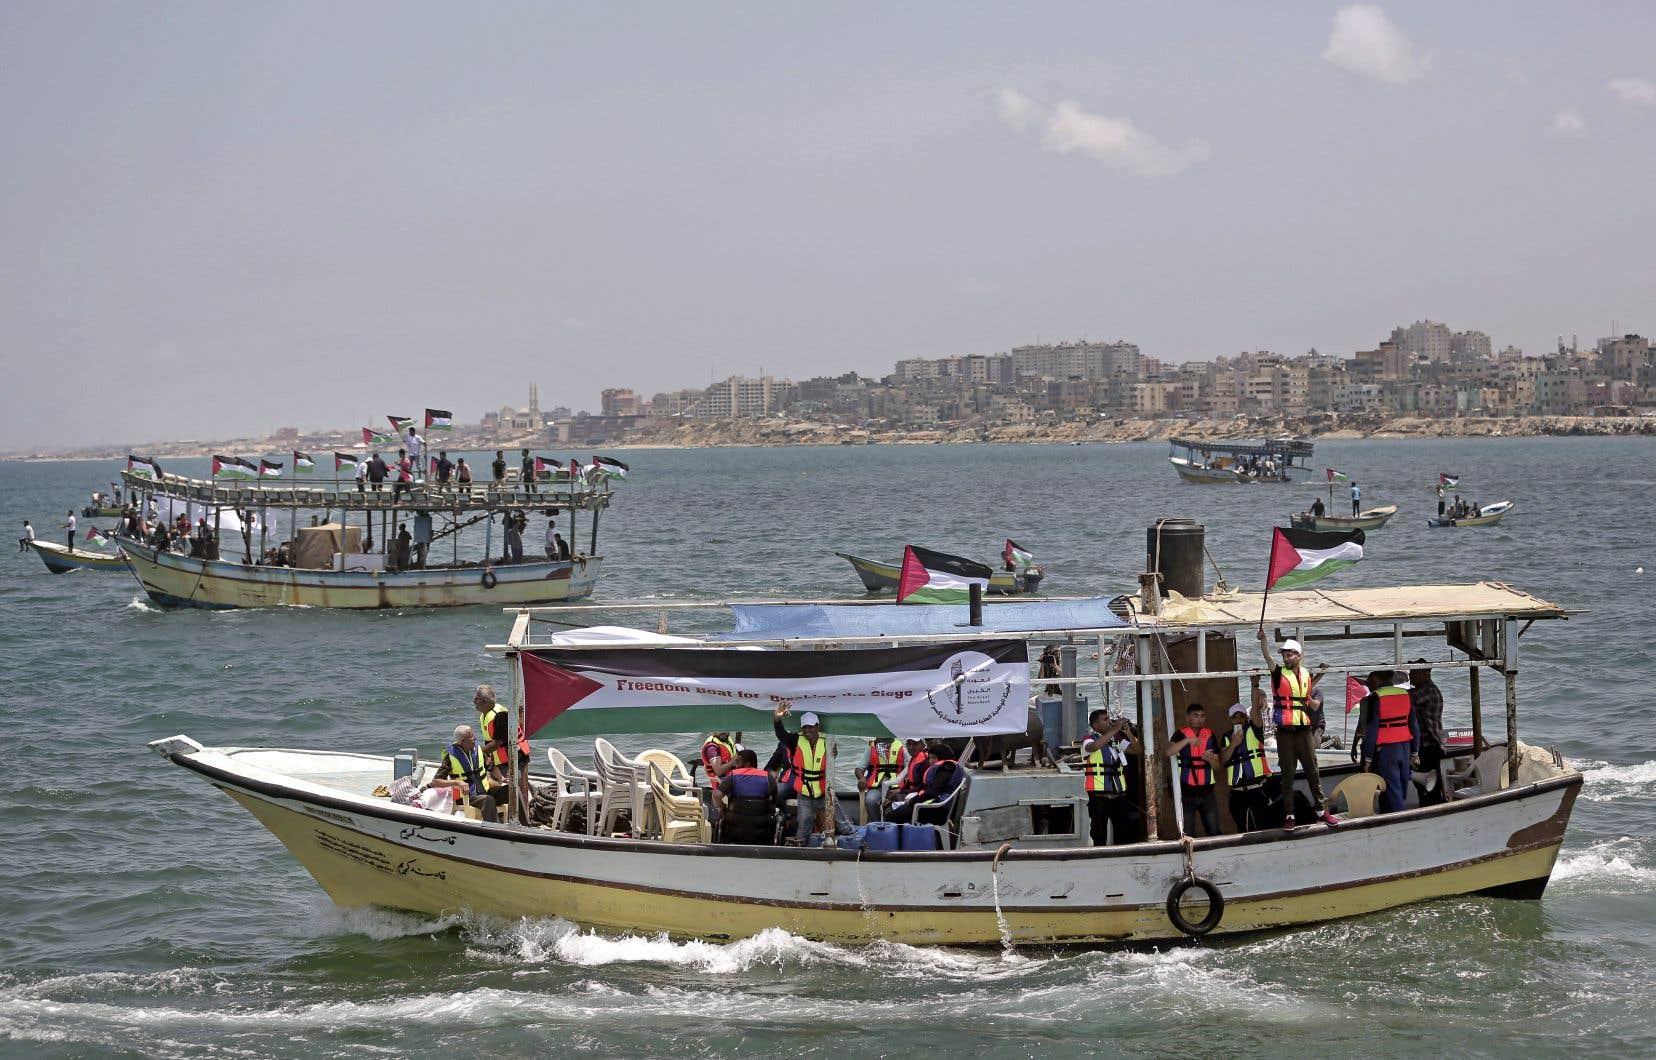 Mardi, des bateaux de pêche palestiniens ont quitté le port de Gaza et ont défié le blocus naval israélien et égyptien, emmenant en mer une vingtaine de personnes, dont des malades et des étudiants, incapables de traverser la frontière terrestre.